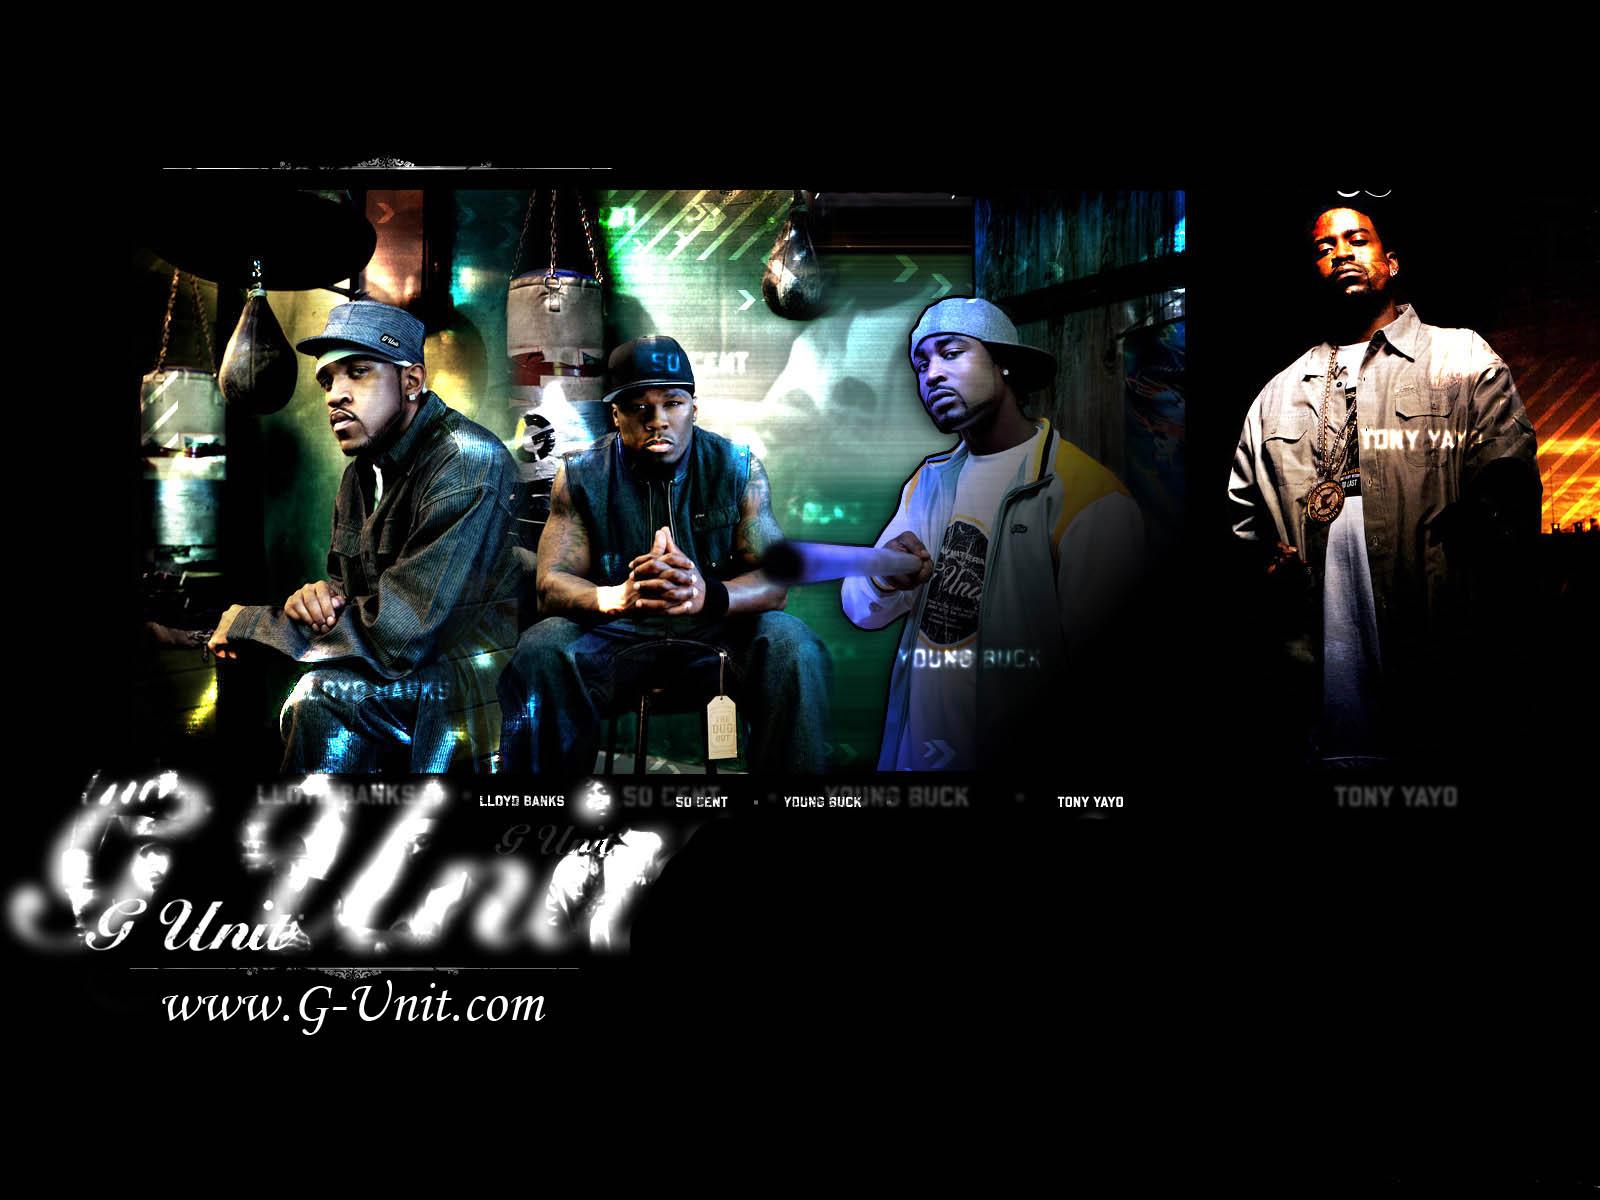 UNIT 50 CENT gangsta rap rapper hip hop unit cent poster hr 1600x1200